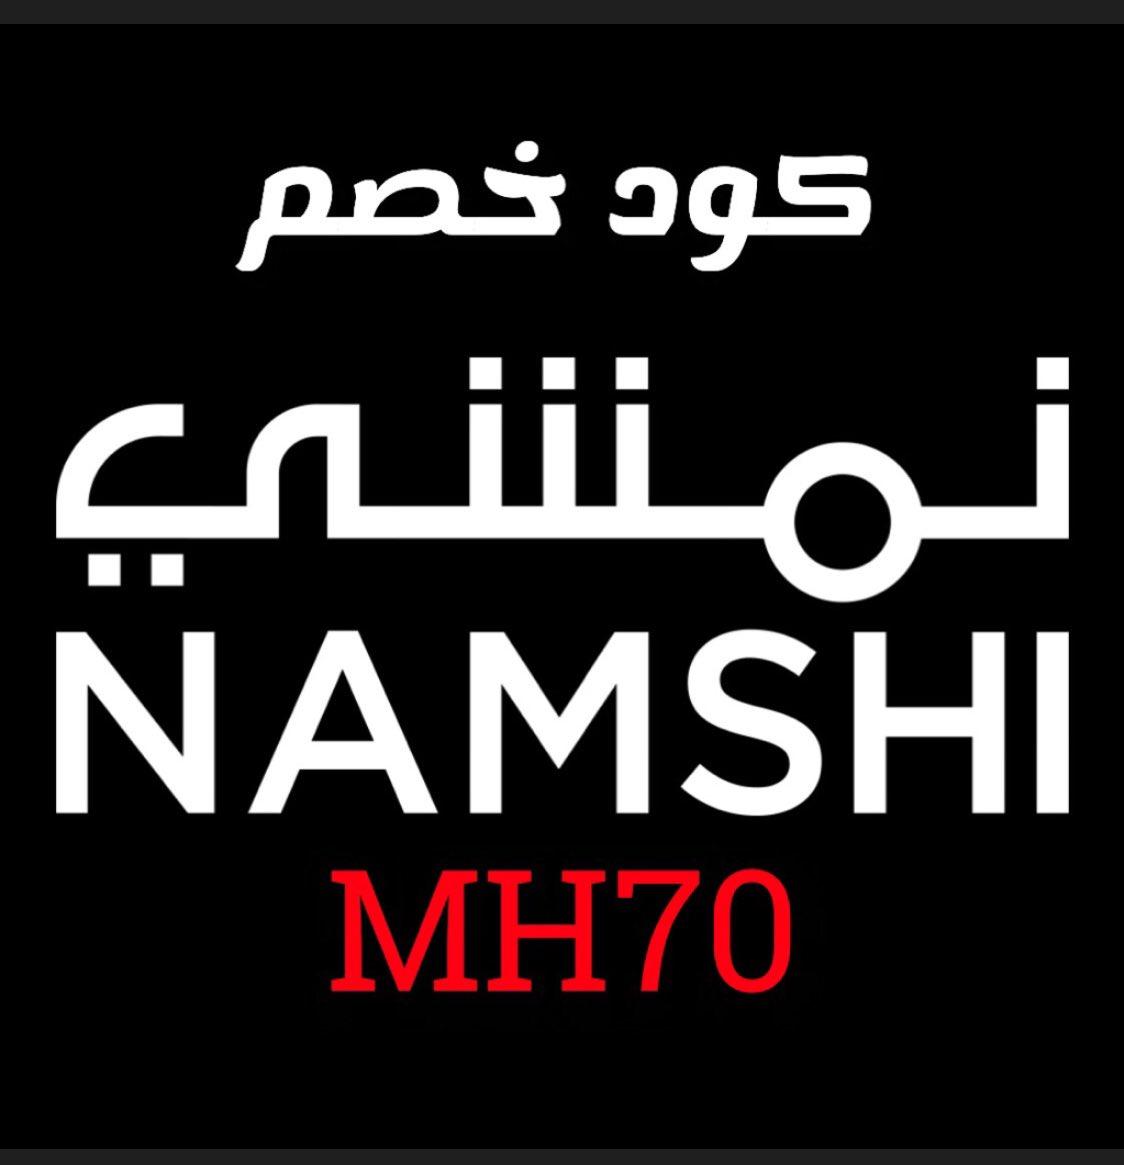 تم رفع نسبة الخصم الى 30 % ماعدا بعض المنتجات اذا كانت قيمة المشتريات فوق 300 ريال كما تم تمديد صلاحية الكود الى 31 يناير ar-sa.namshi.com